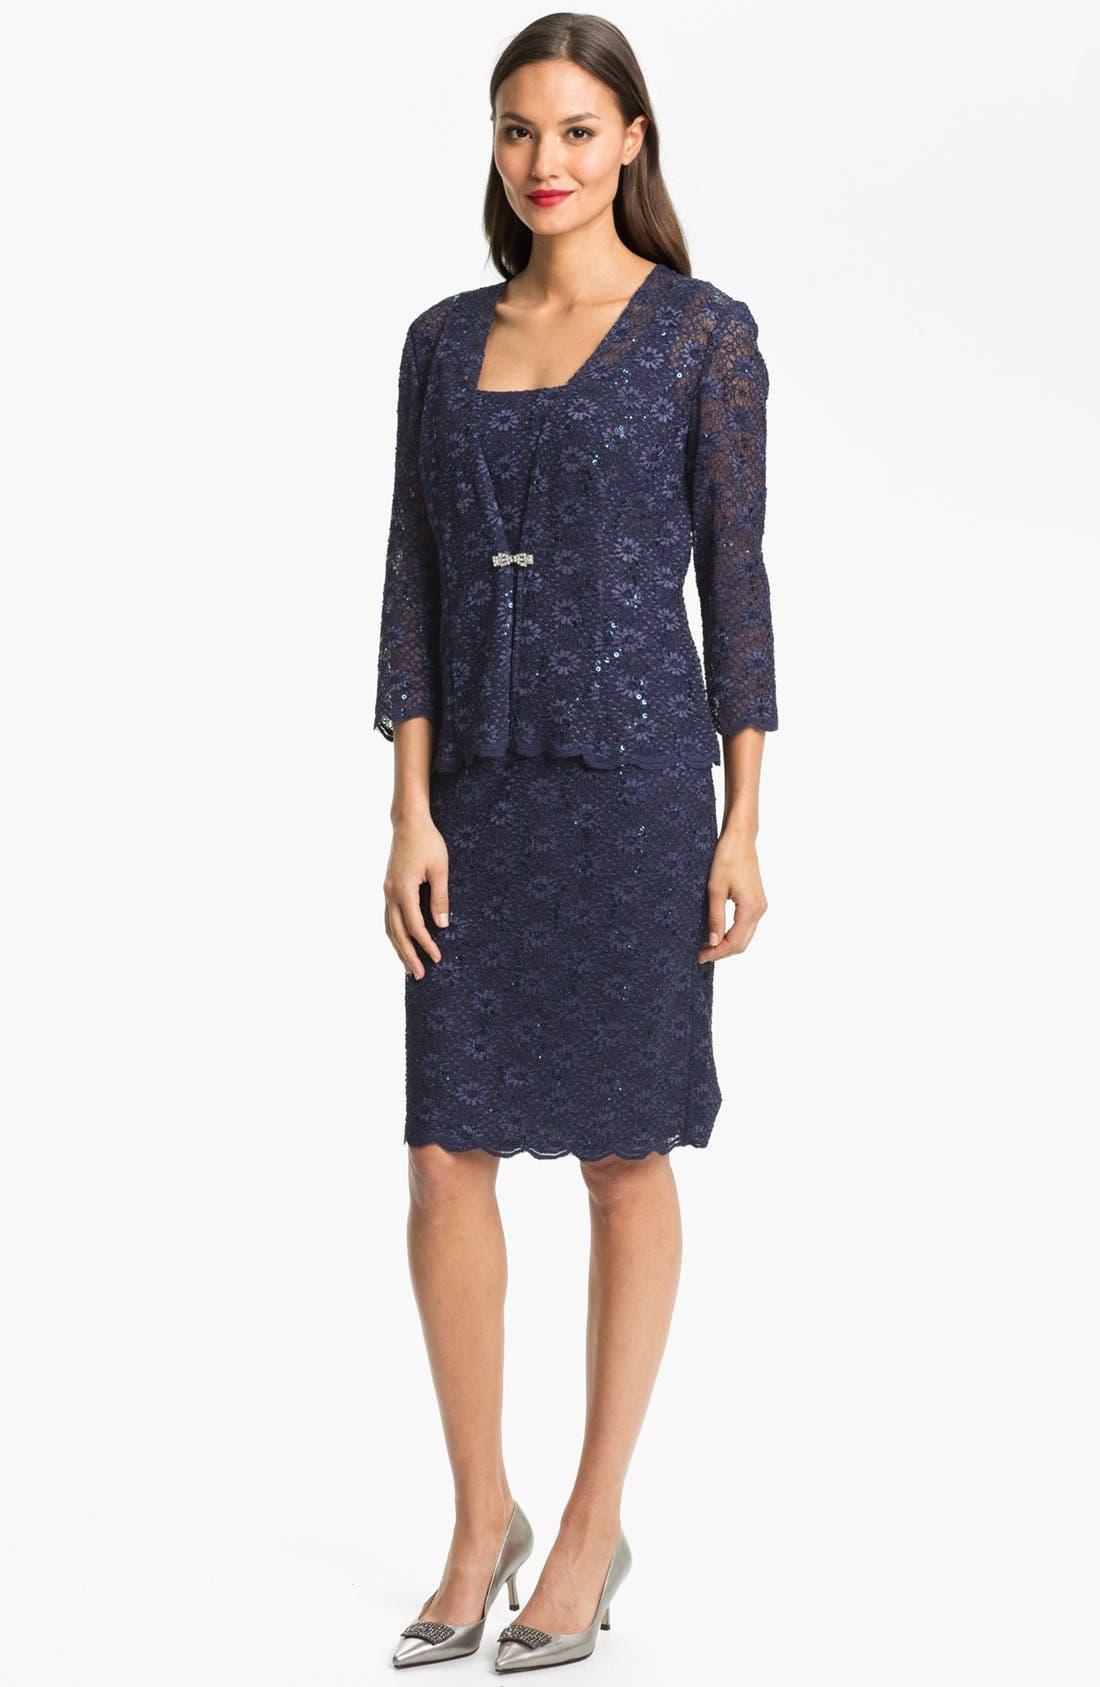 Main Image - Alex Evenings Embellished Lace Dress & Jacket (Petite)